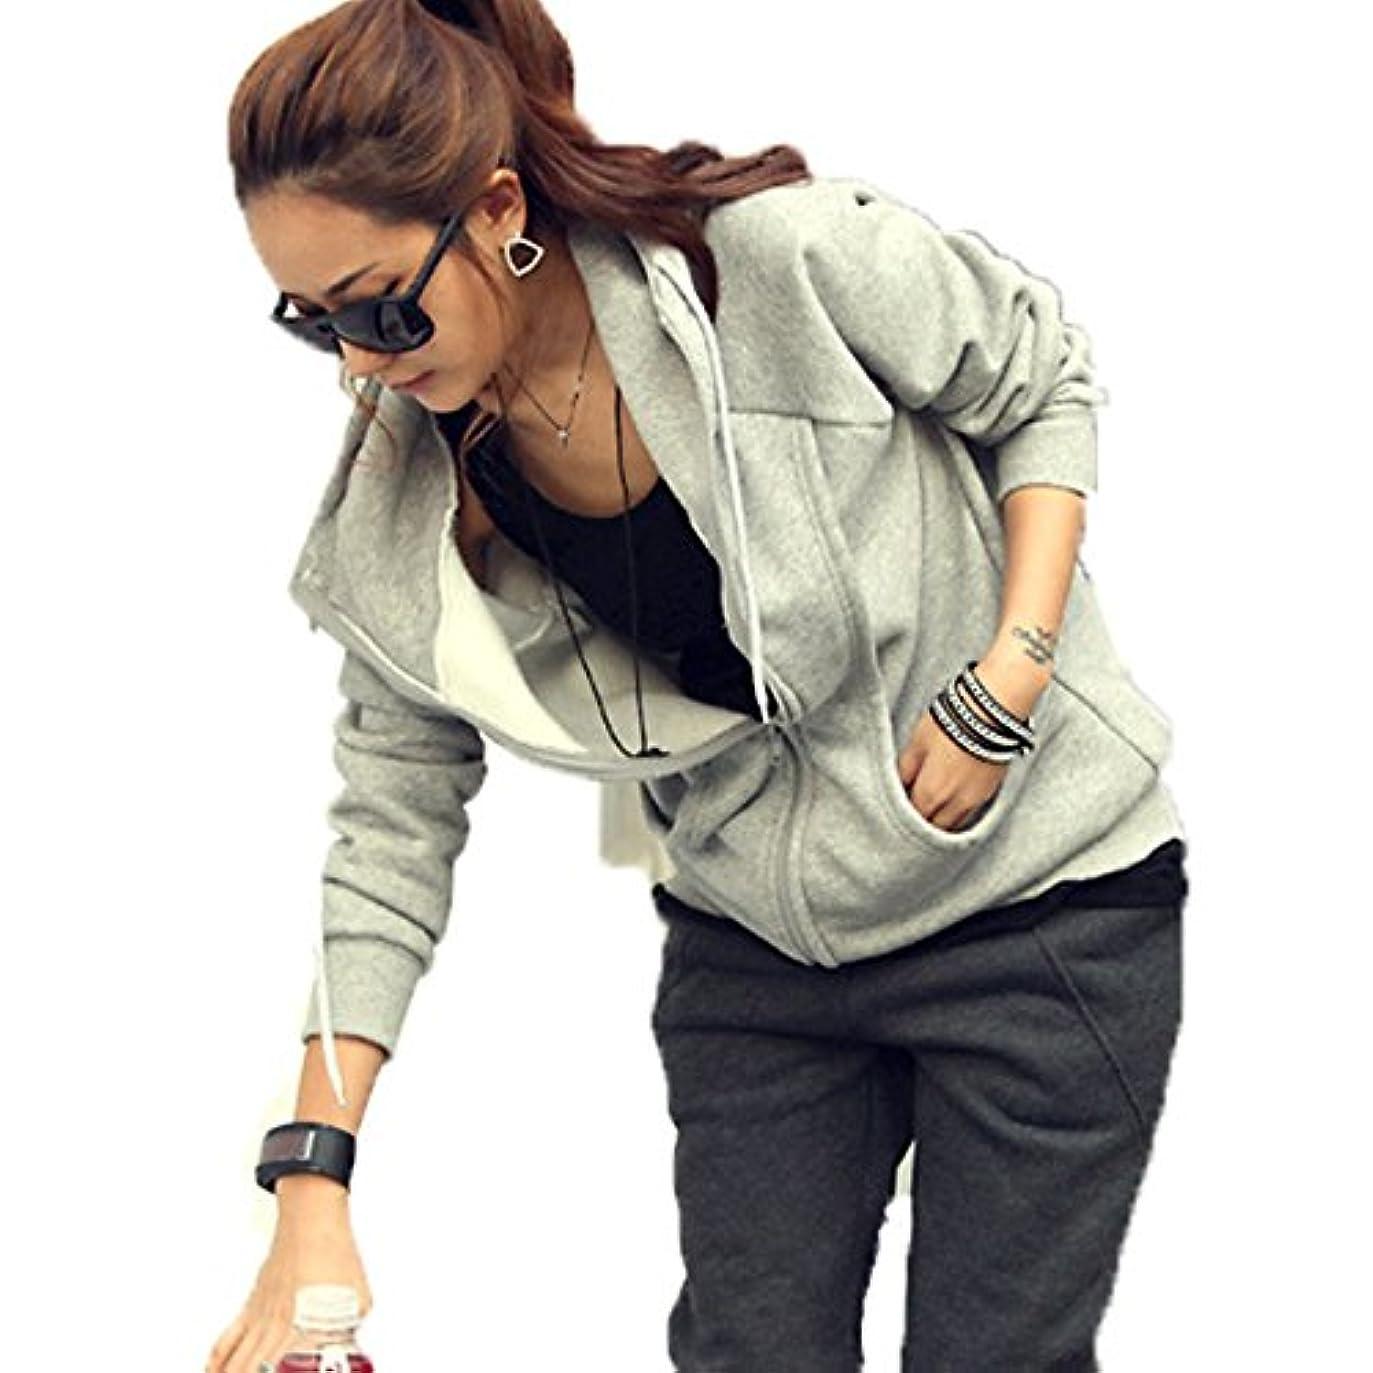 ミリメートル鹿早く[ココチエ] レディース パーカー シンプル ジップアップ 綿 フード かっこいい 長袖 おしゃれ カジュアル M L XL グレー ブラック